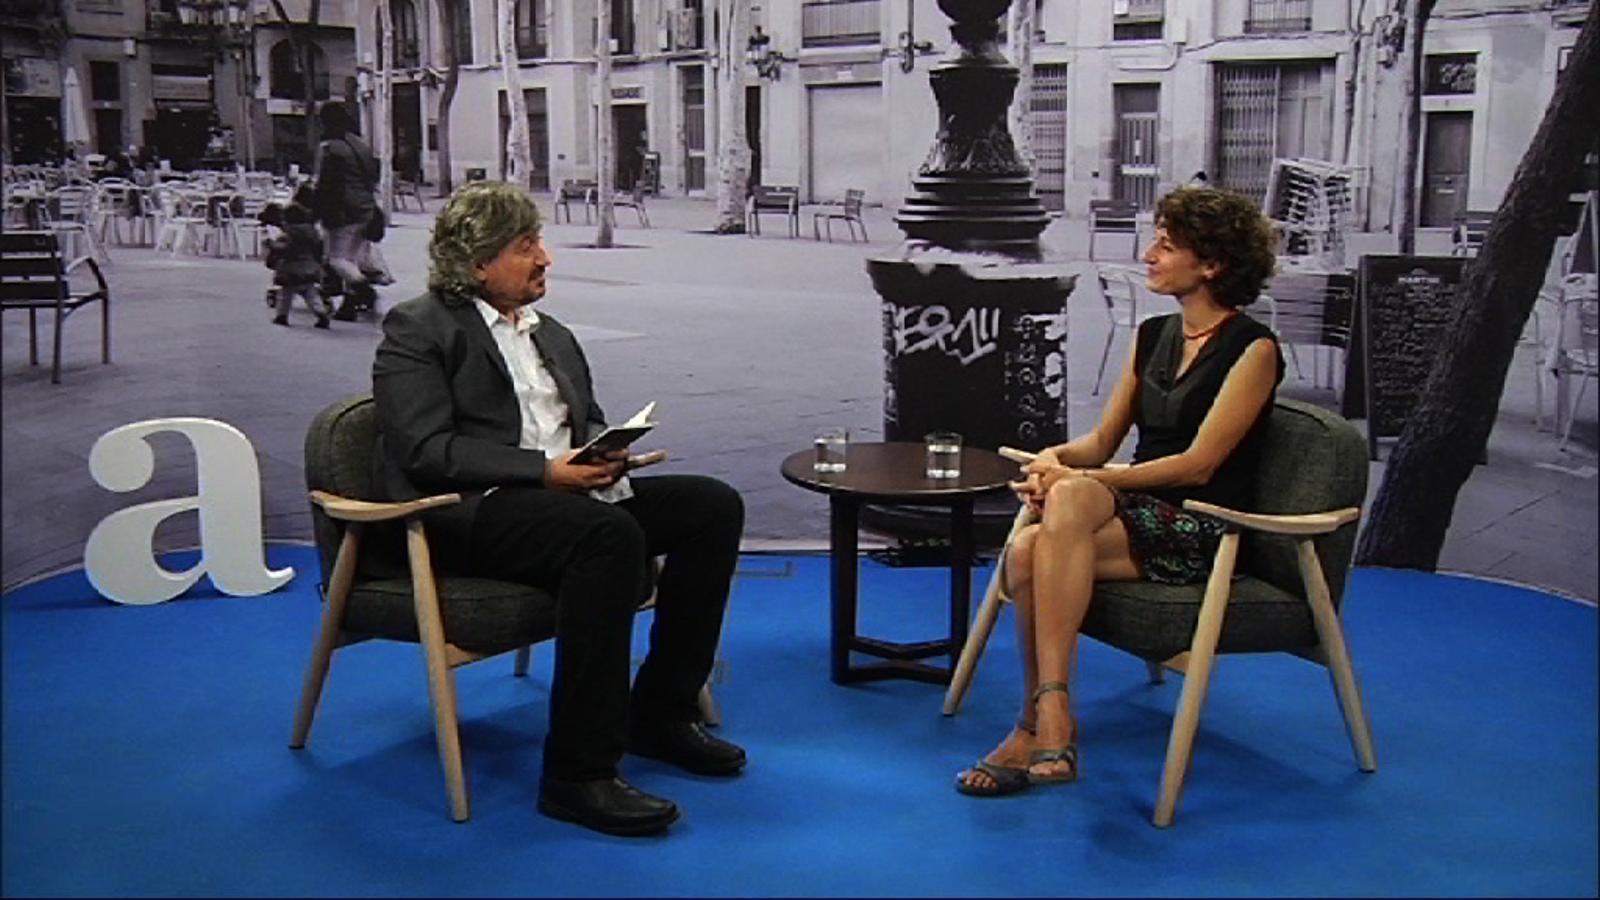 Entrevista de Carles Capdevila a Marina Garcés